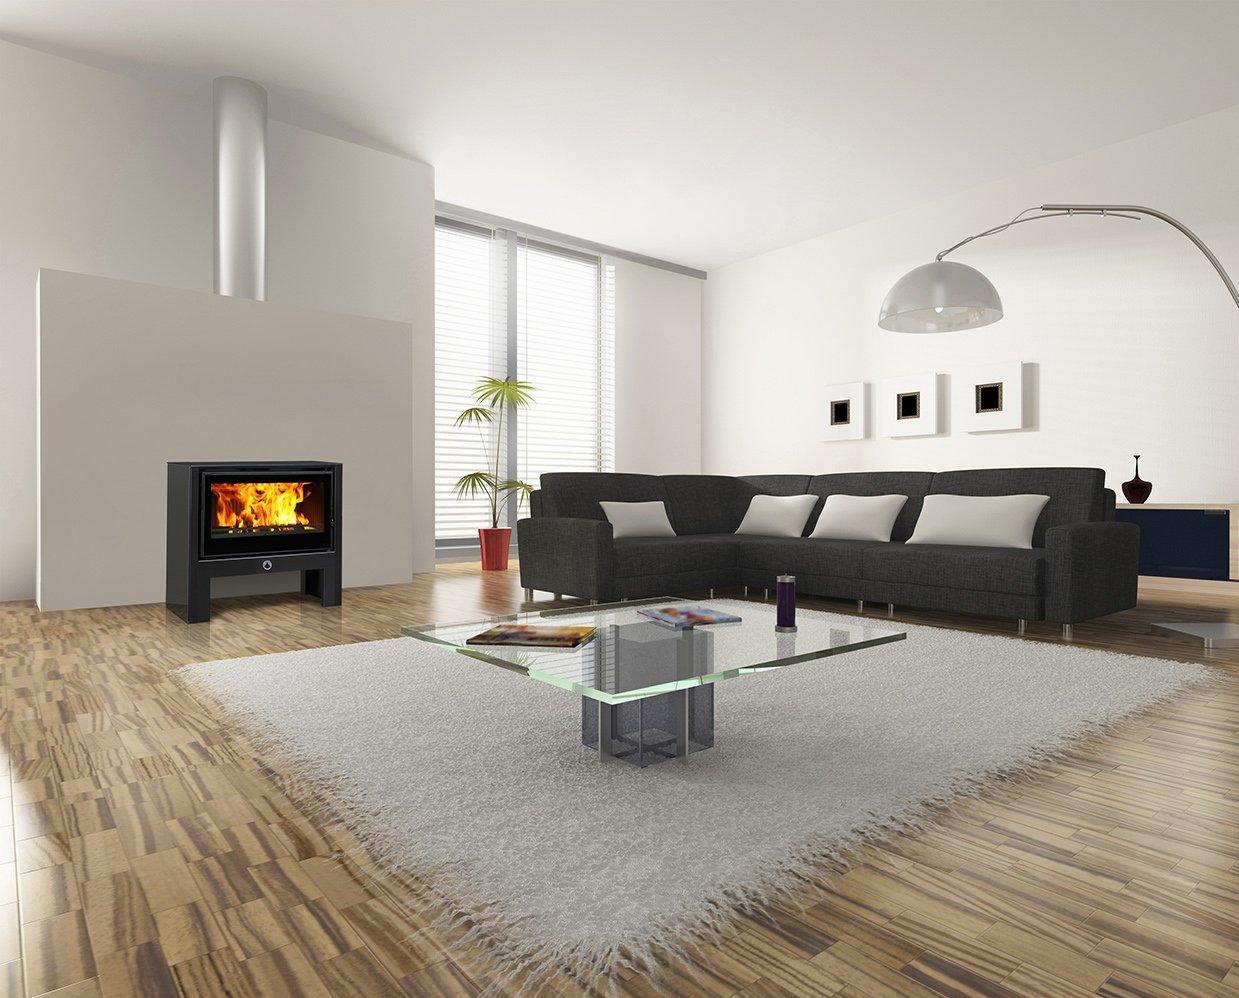 -עץ-MERCURE-80-C077AP-1-e1511804750929 קמינים - עיצוב חדשני ומרשים במיוחד לדירה שלכם